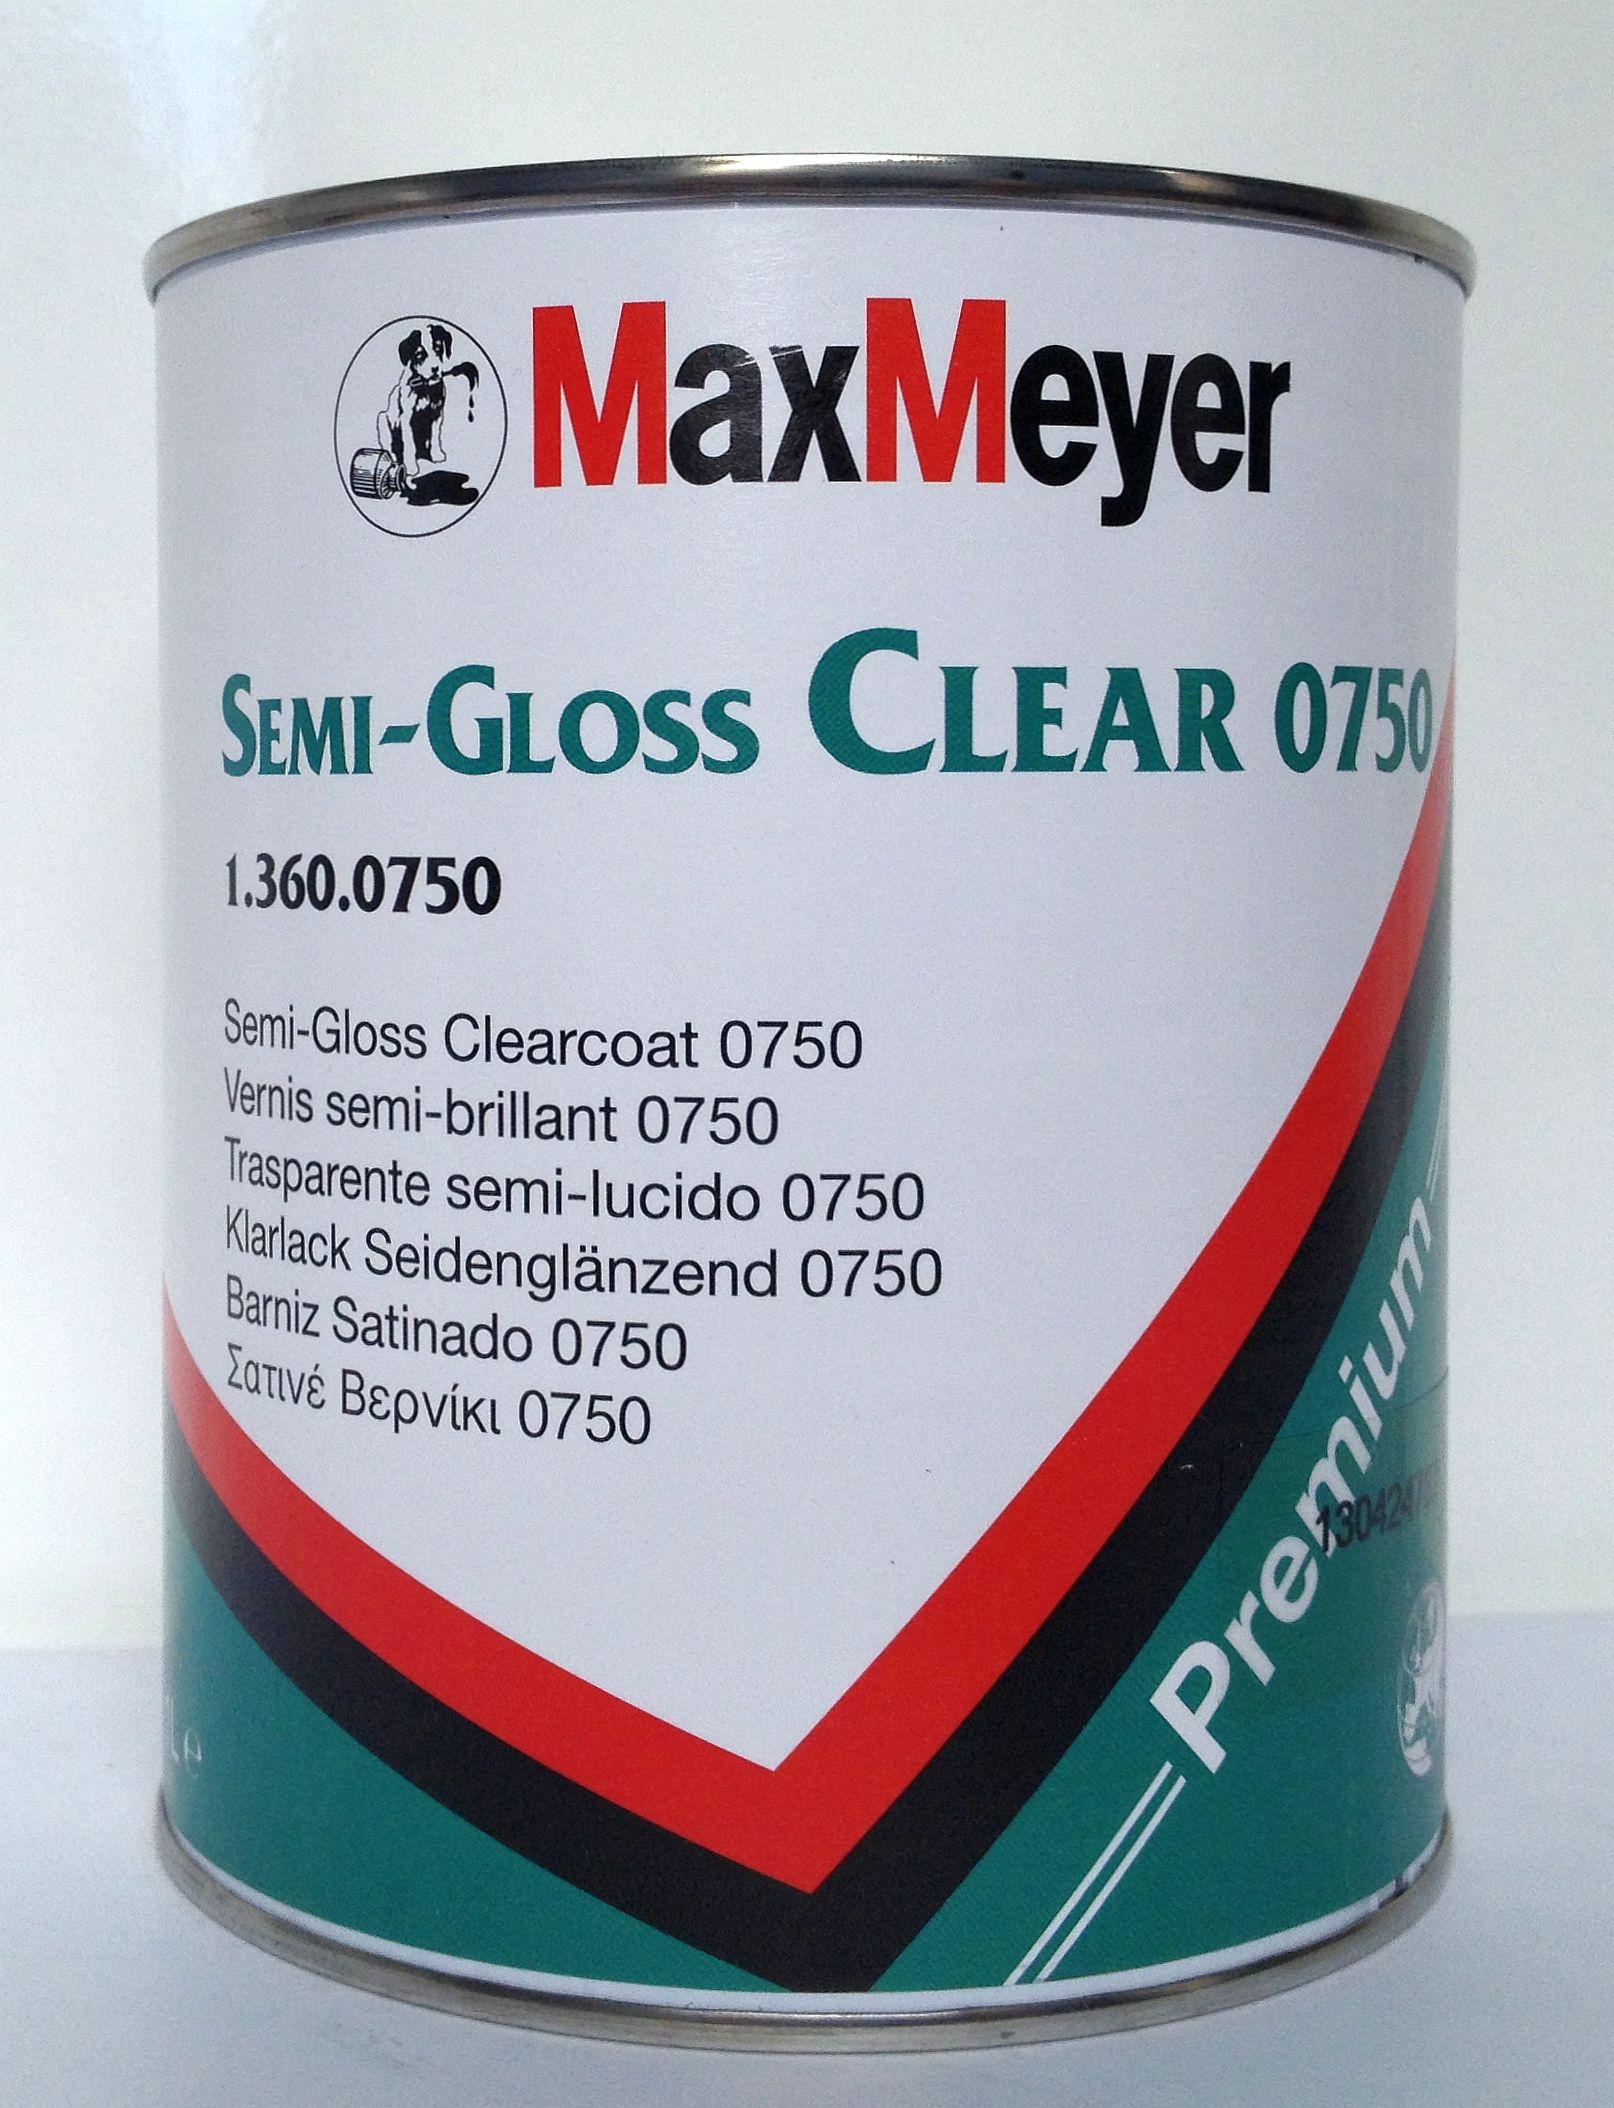 Max Meyer Semi-Gloss Clear 0750